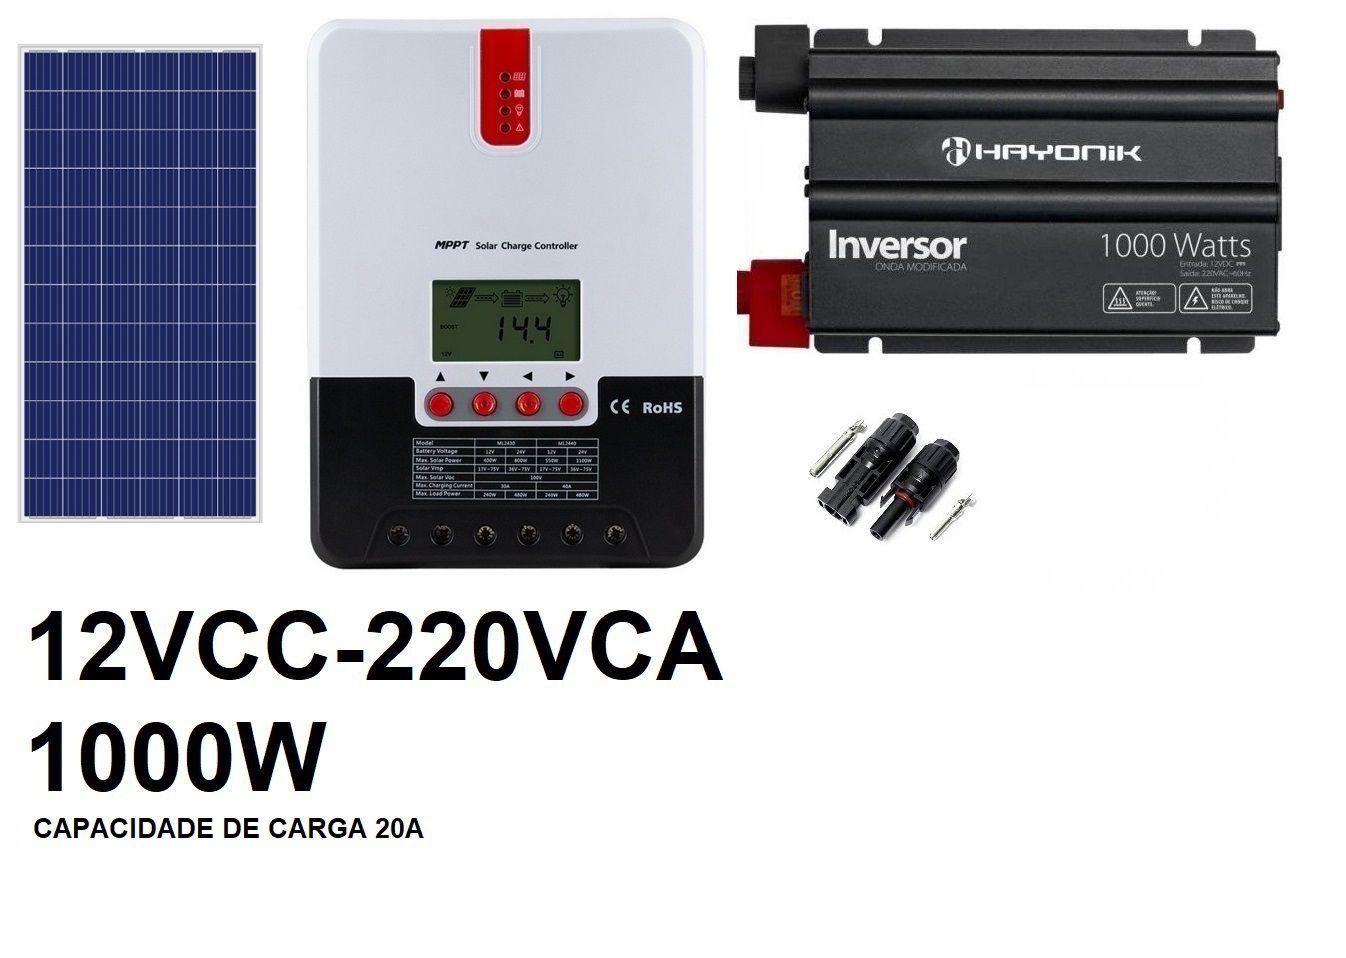 KIT OFF GRID - 1000W220VCA 265Wp (PARA BANCO DE BATERIAS EM 12VCC)